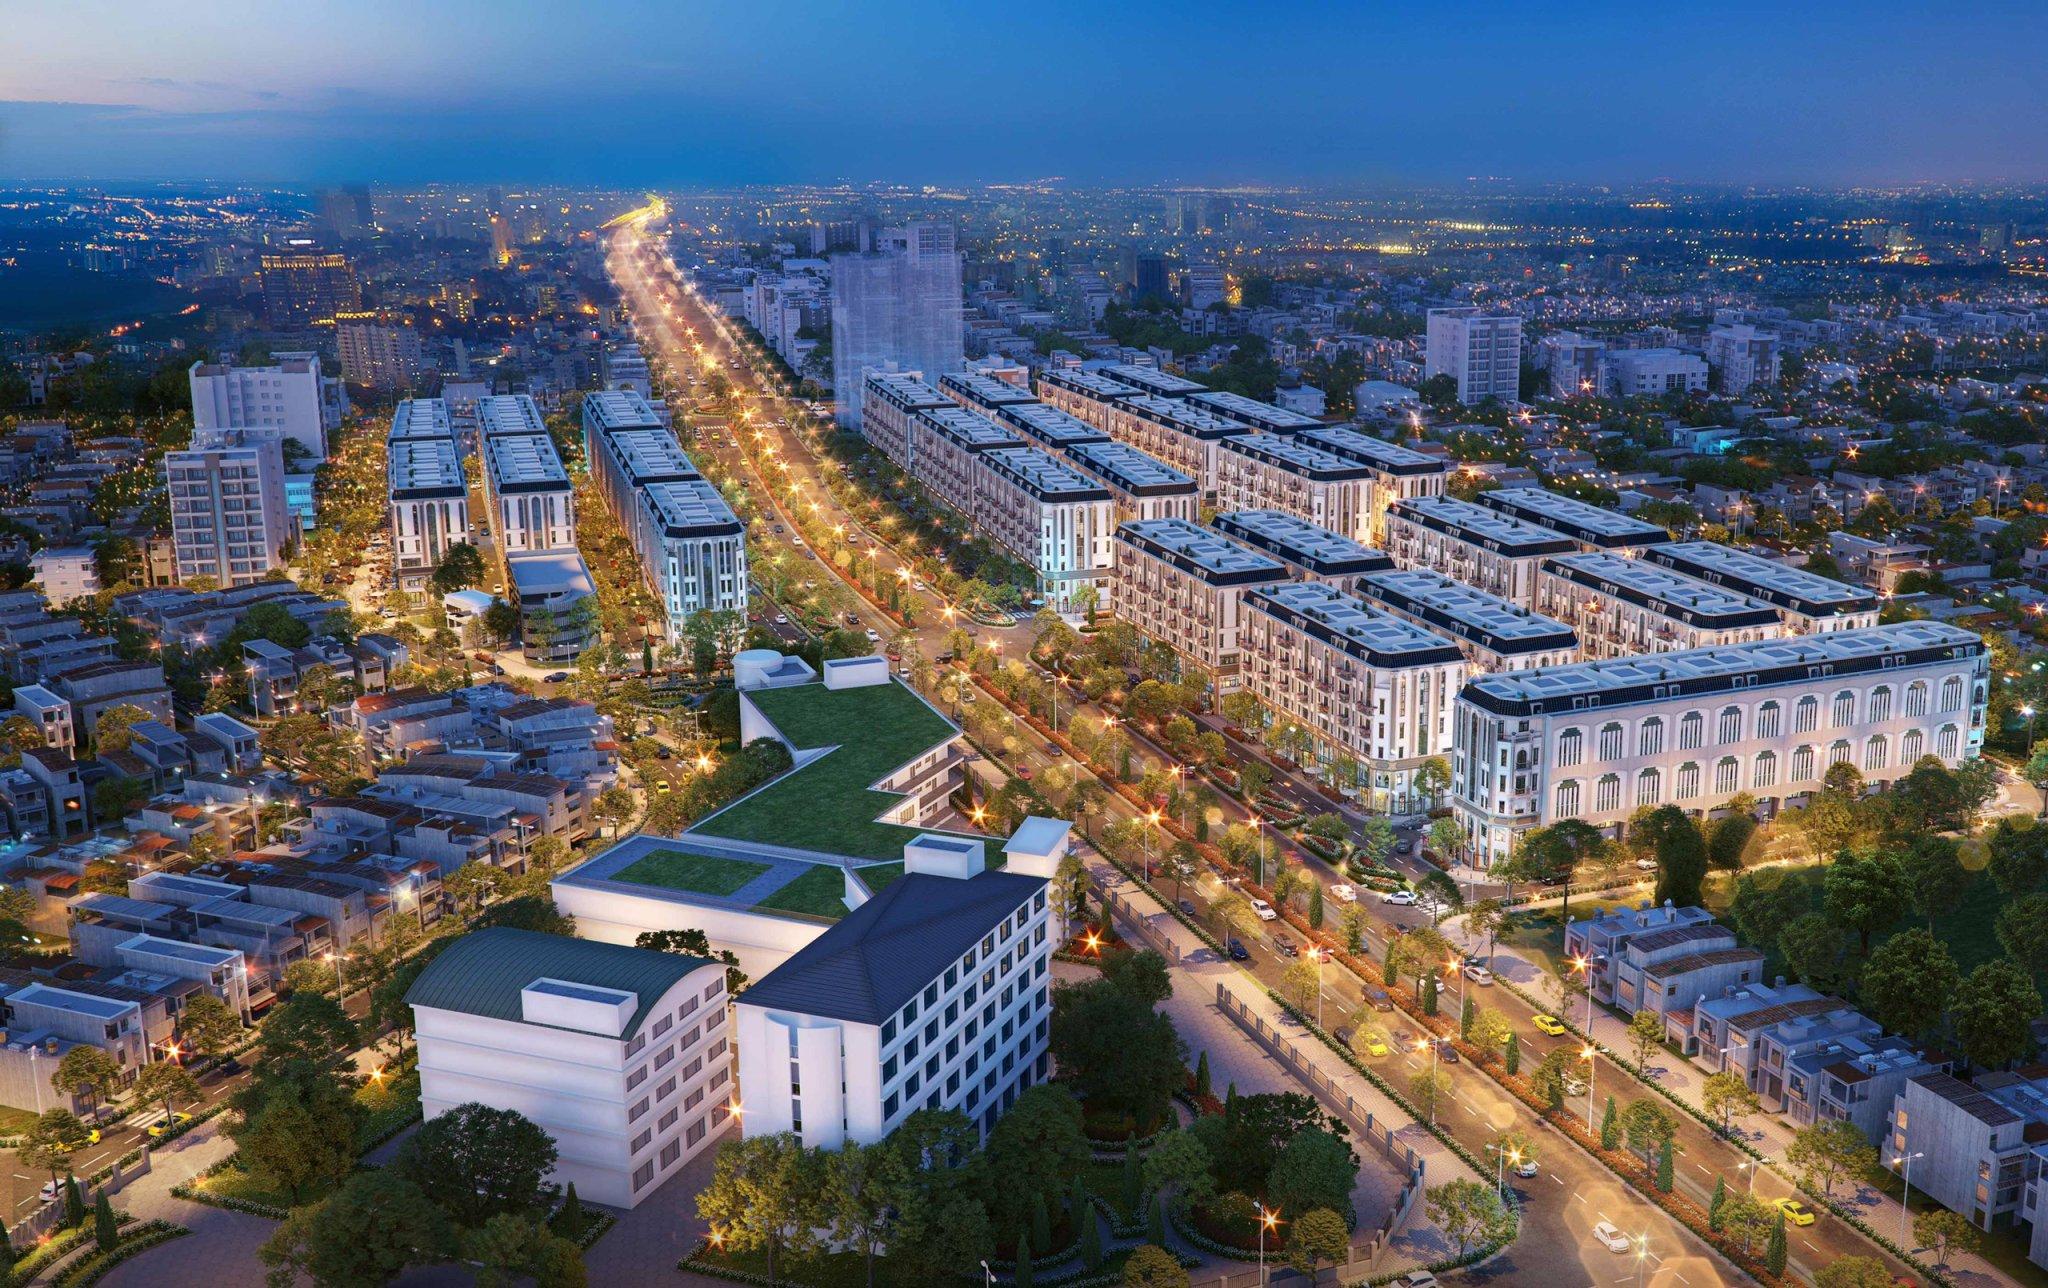 Dự án Himlam Vạn Phúc - Paris giữa lòng phố Lụa